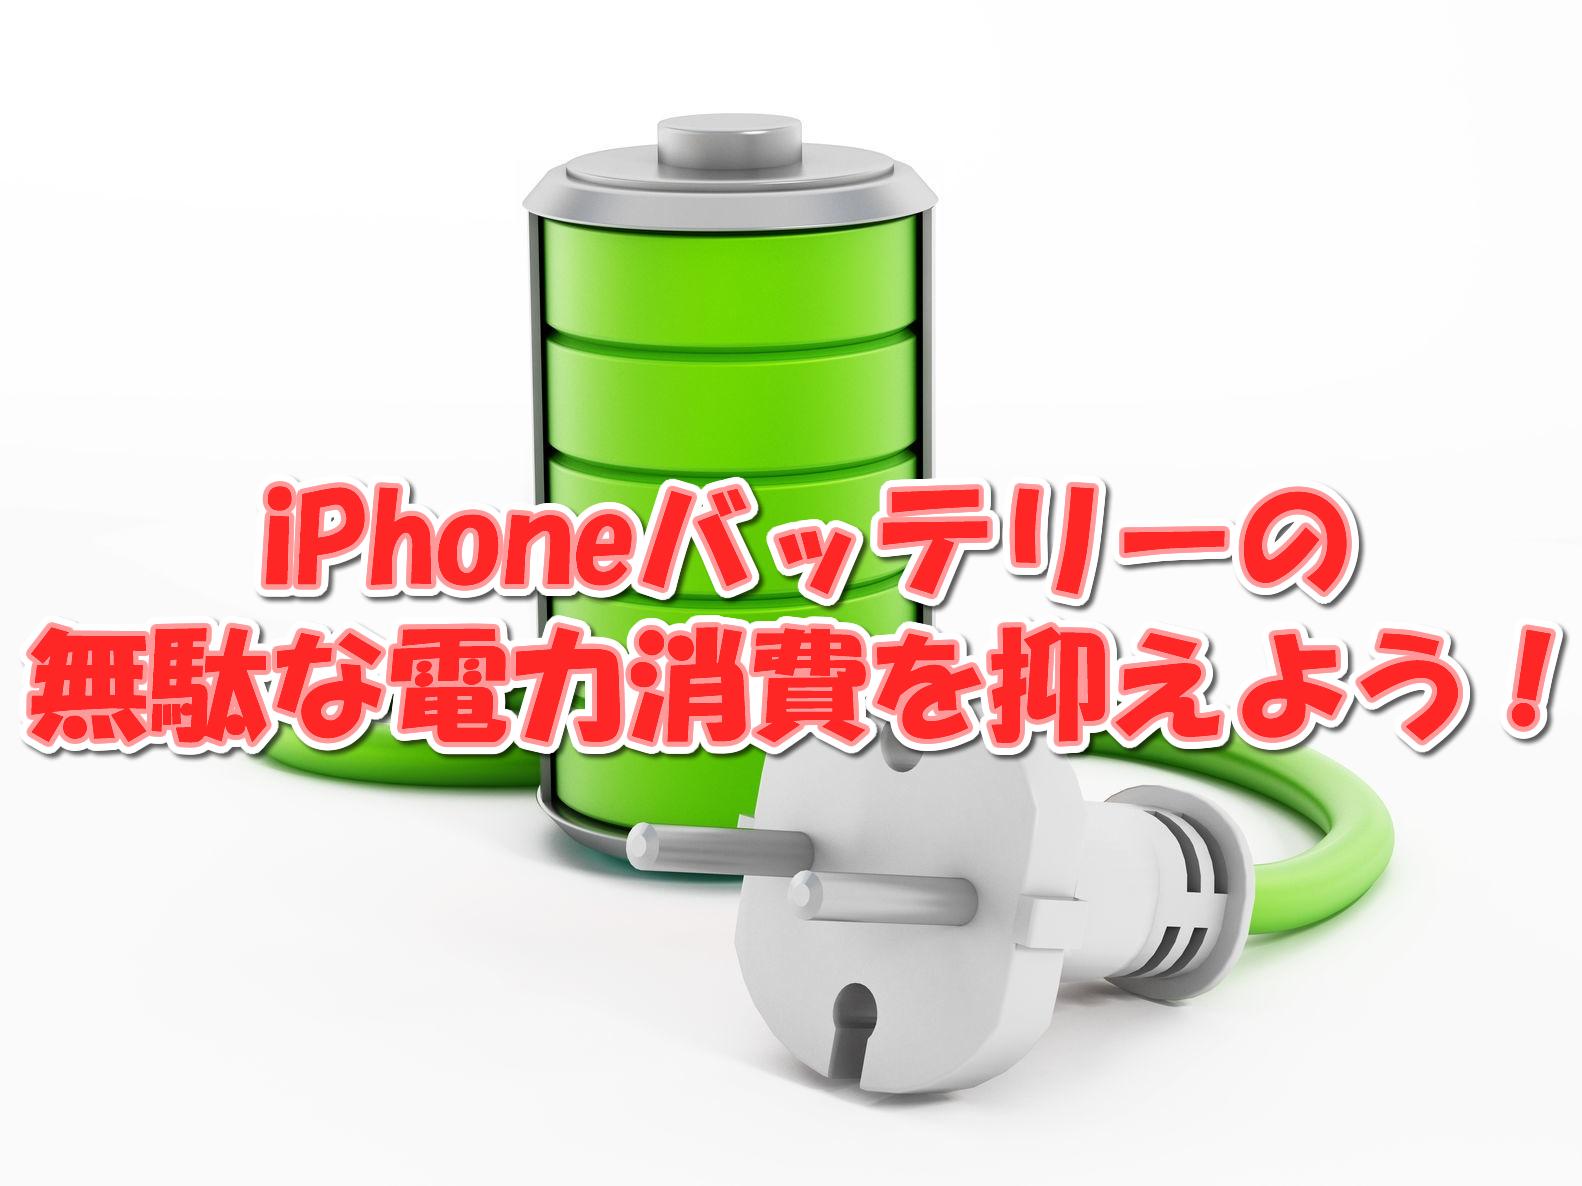 iPhoneバッテリーの消費を抑える4つのポイント